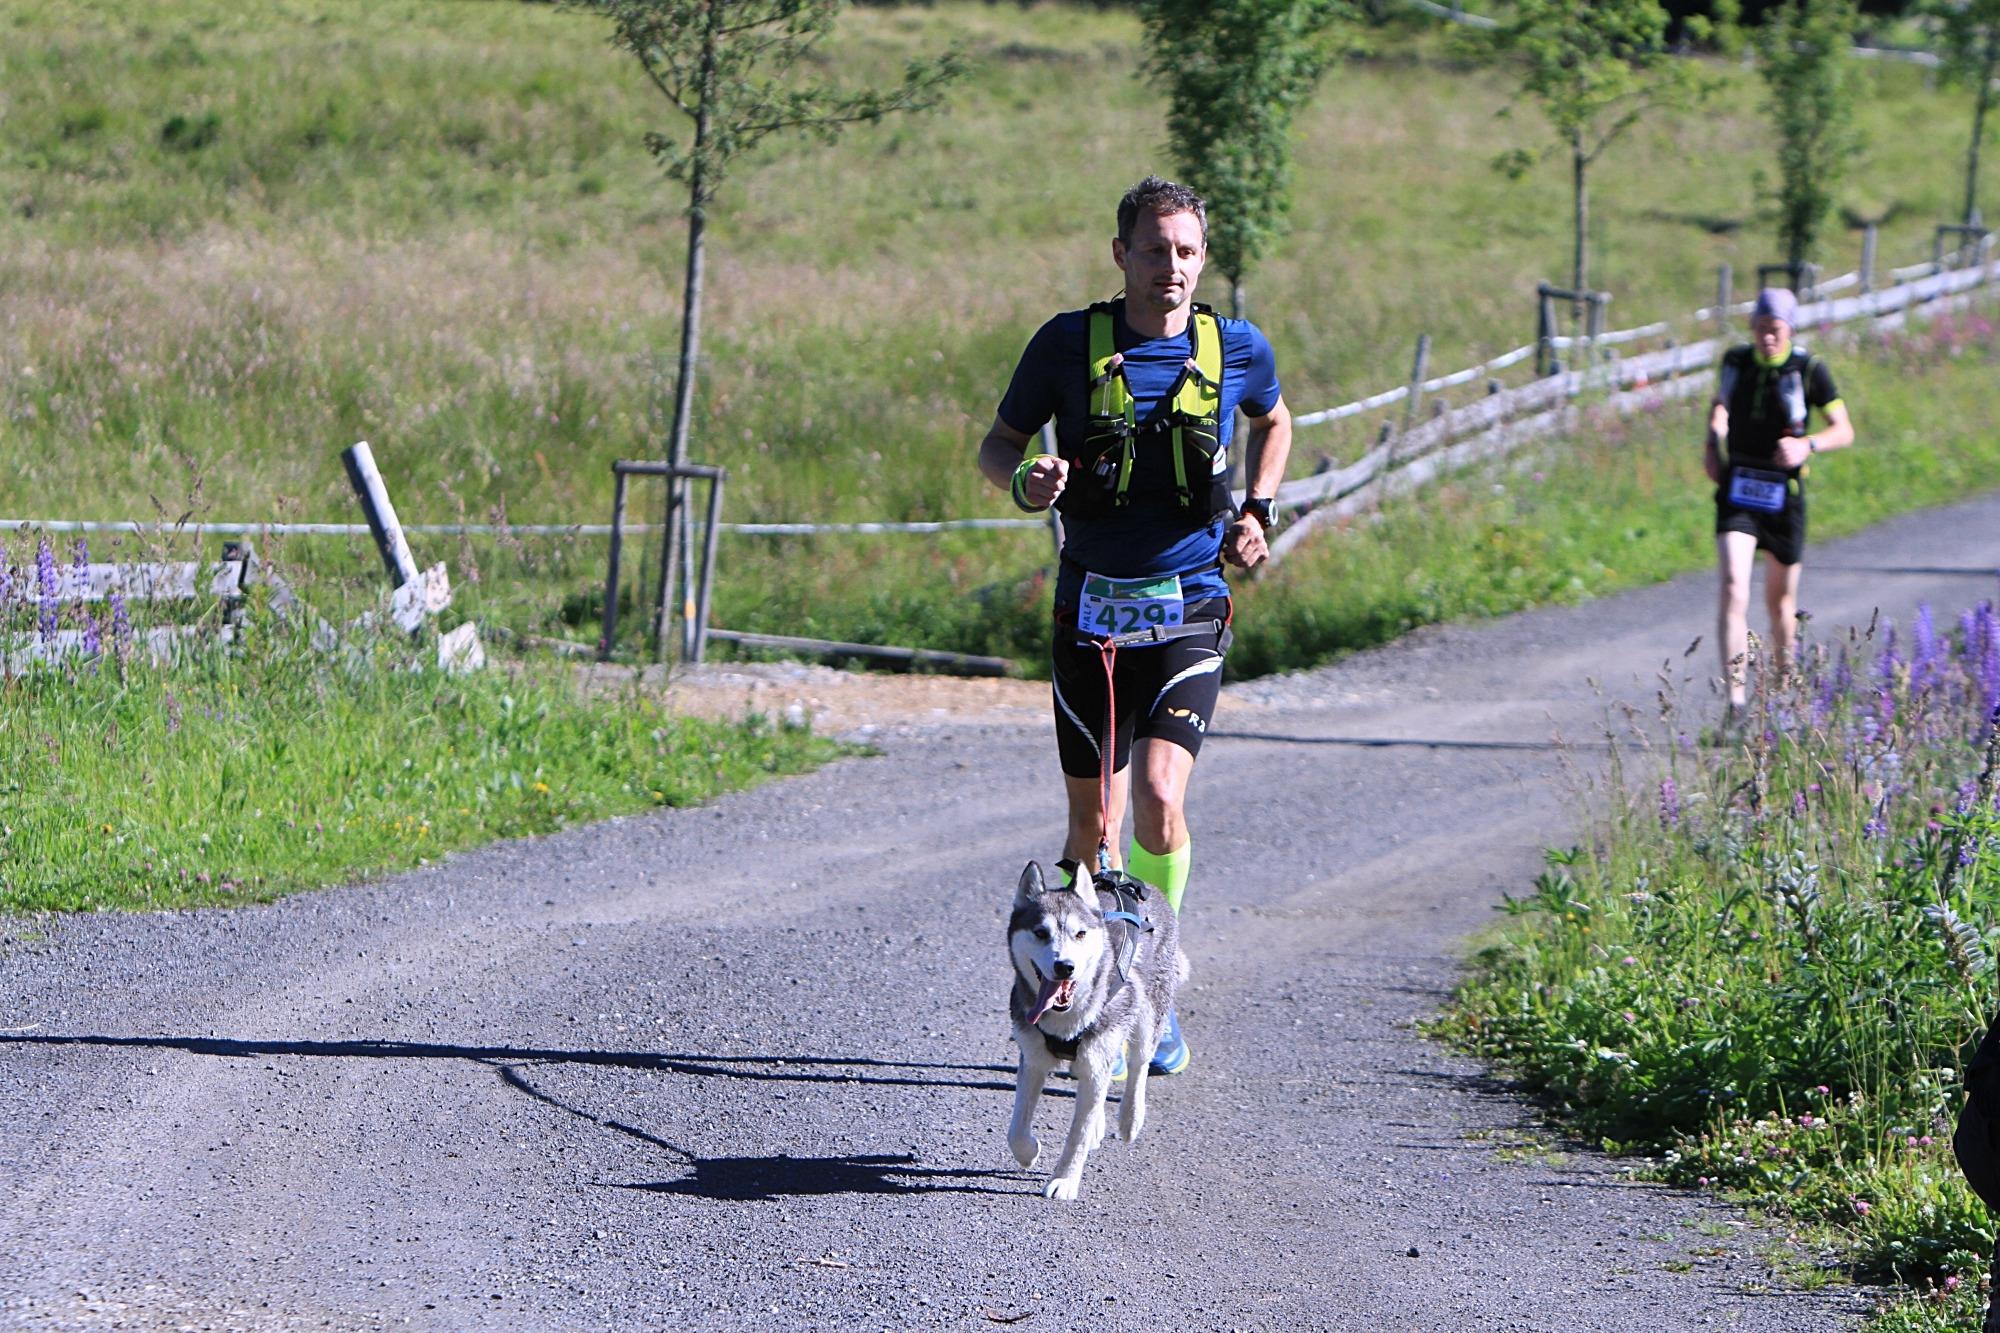 vítězný dogtrekař na trase Half Jan Krabec foto:P. Pátek PatRESS.cz